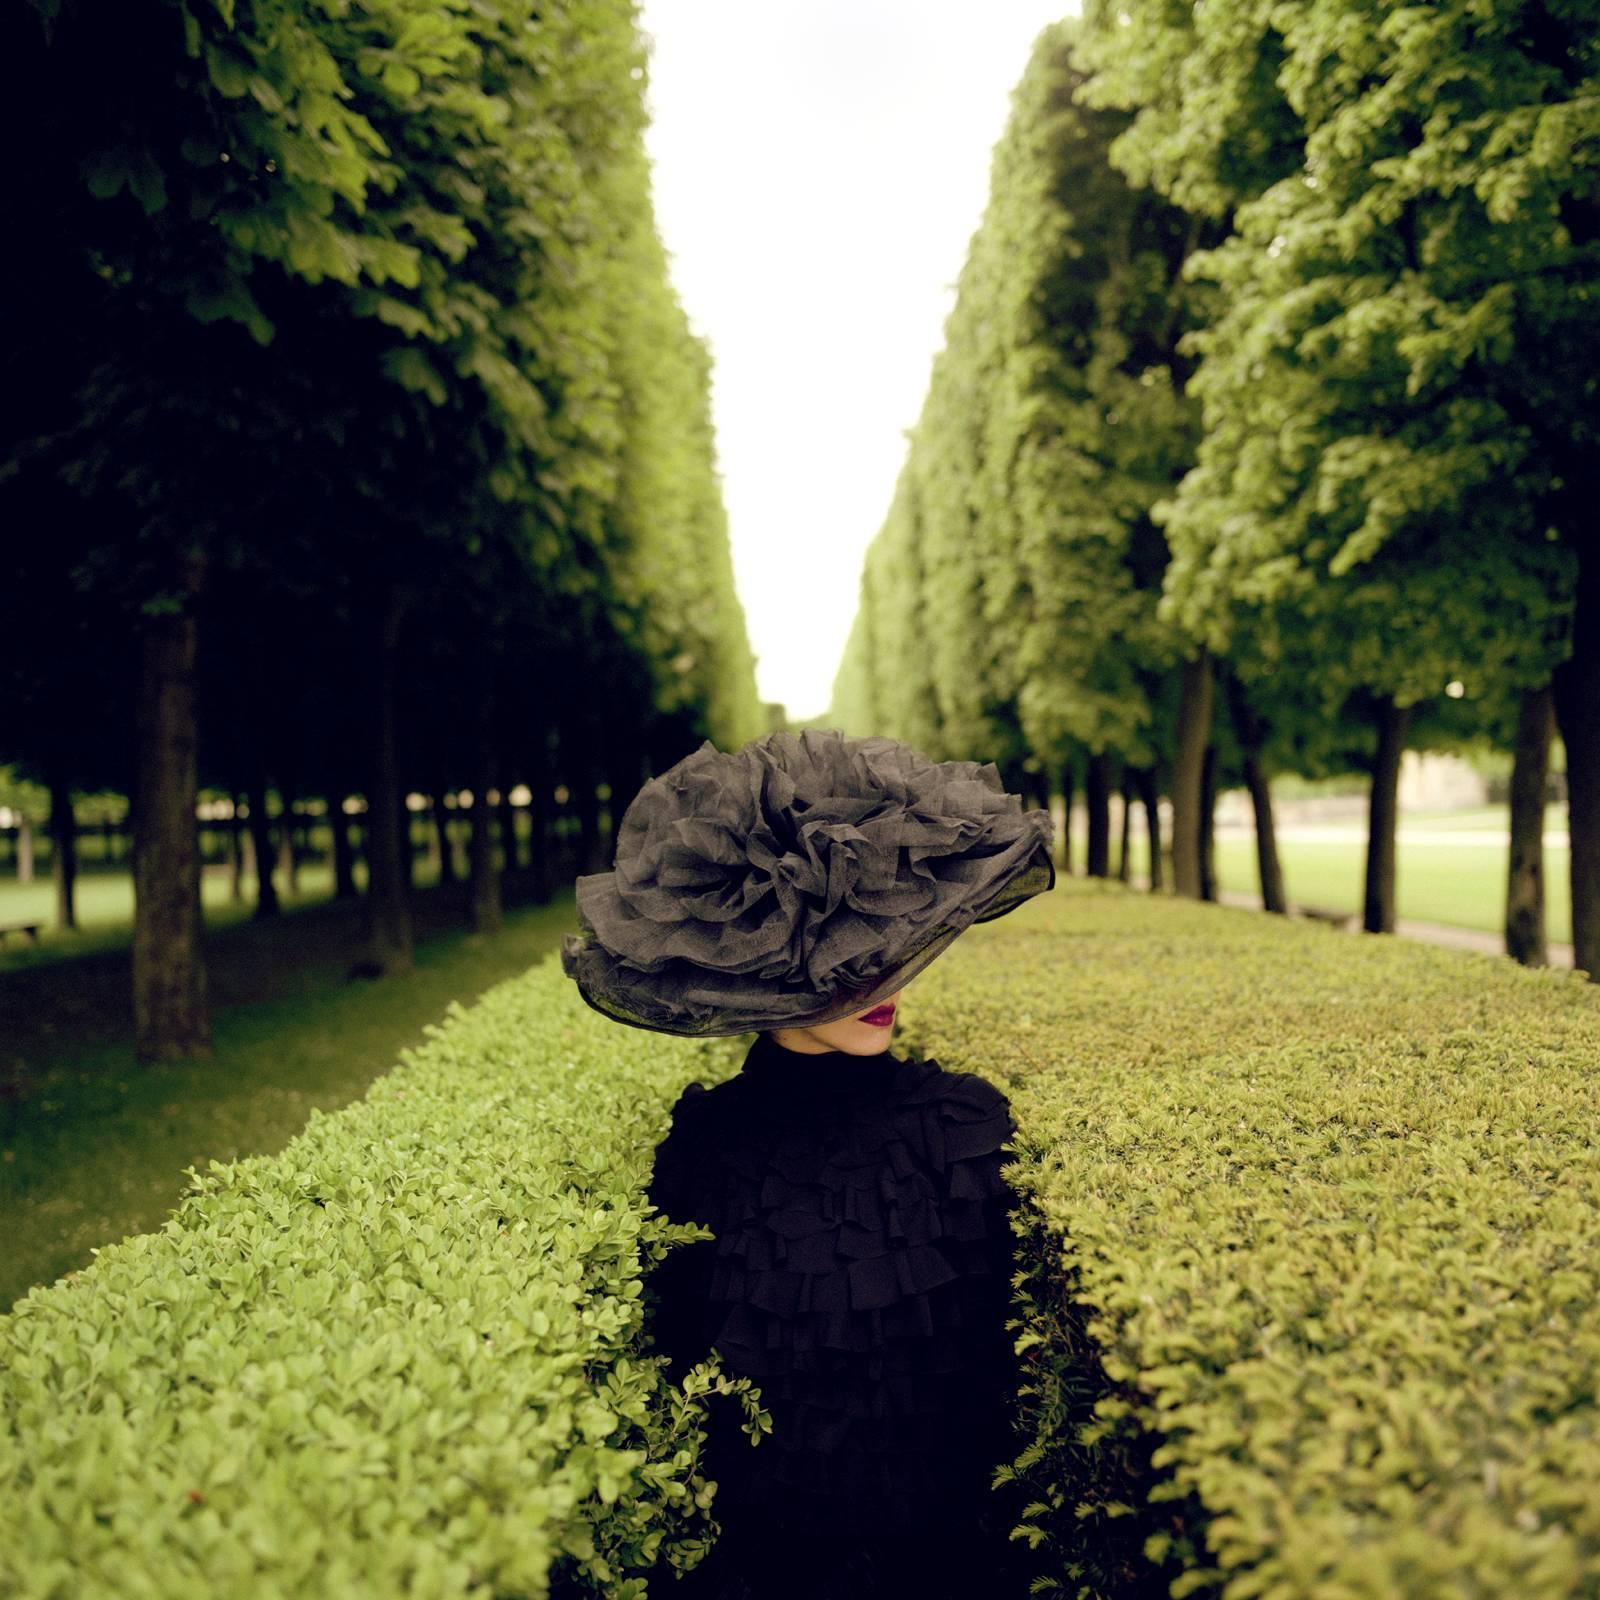 Woman with Hat Between Hedges, Parc de Sceaux, France,